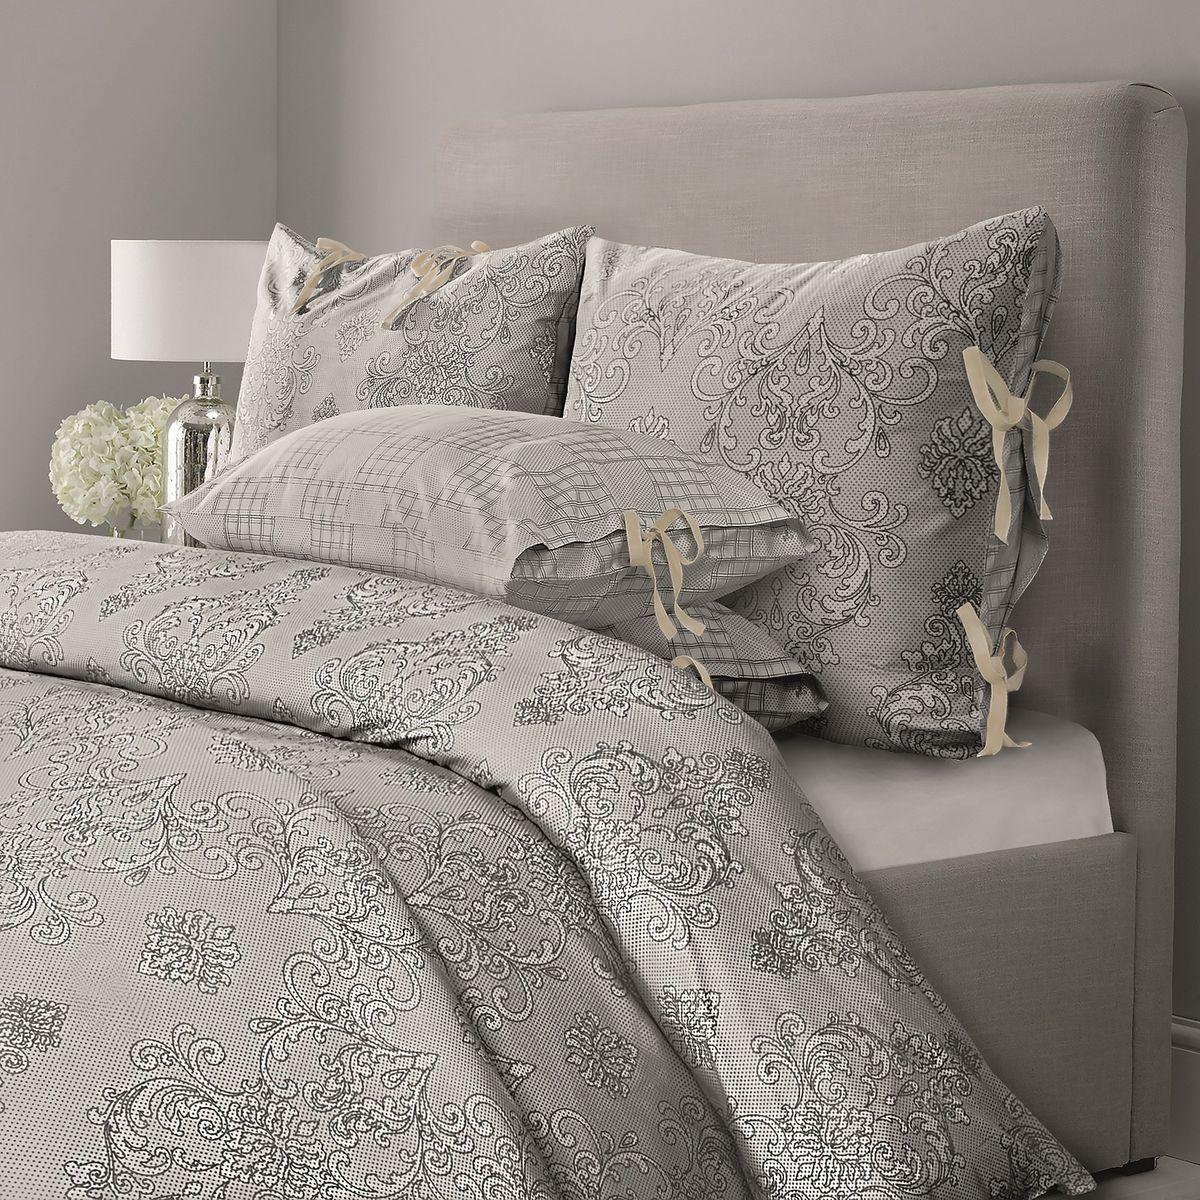 Комплект белья Mona Liza Chalet, 2-спальное, наволочки 50x70, цвет: грозовой синий5758/2Комплекты постельного белья, подушки и одеяла выполнены в современном евростиле. Лаконичность рисунка, сдержанный колорит, элегантность, легкость и благородство — вот основные отличия CHALET. Трендовые полутона действуют расслабляющее и умиротворяюще, Ваш интерьер получится мягким, теплым, «припудренным», в нем будут царить уют и спокойствие.